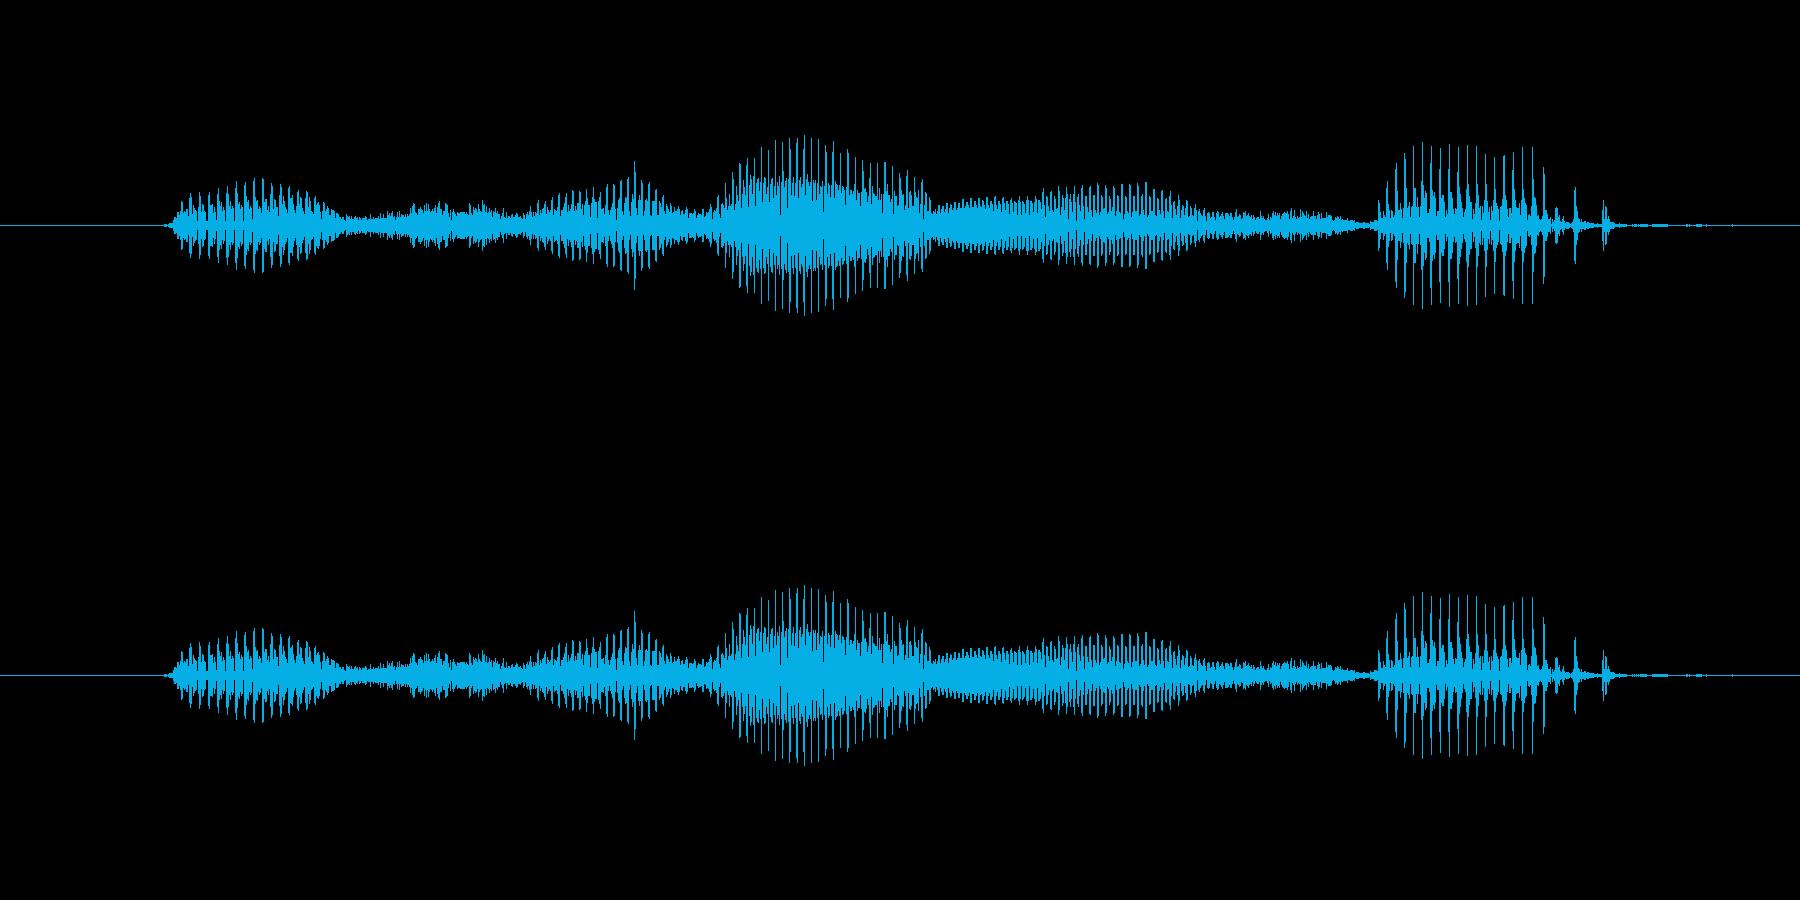 【星座】水瓶座の再生済みの波形